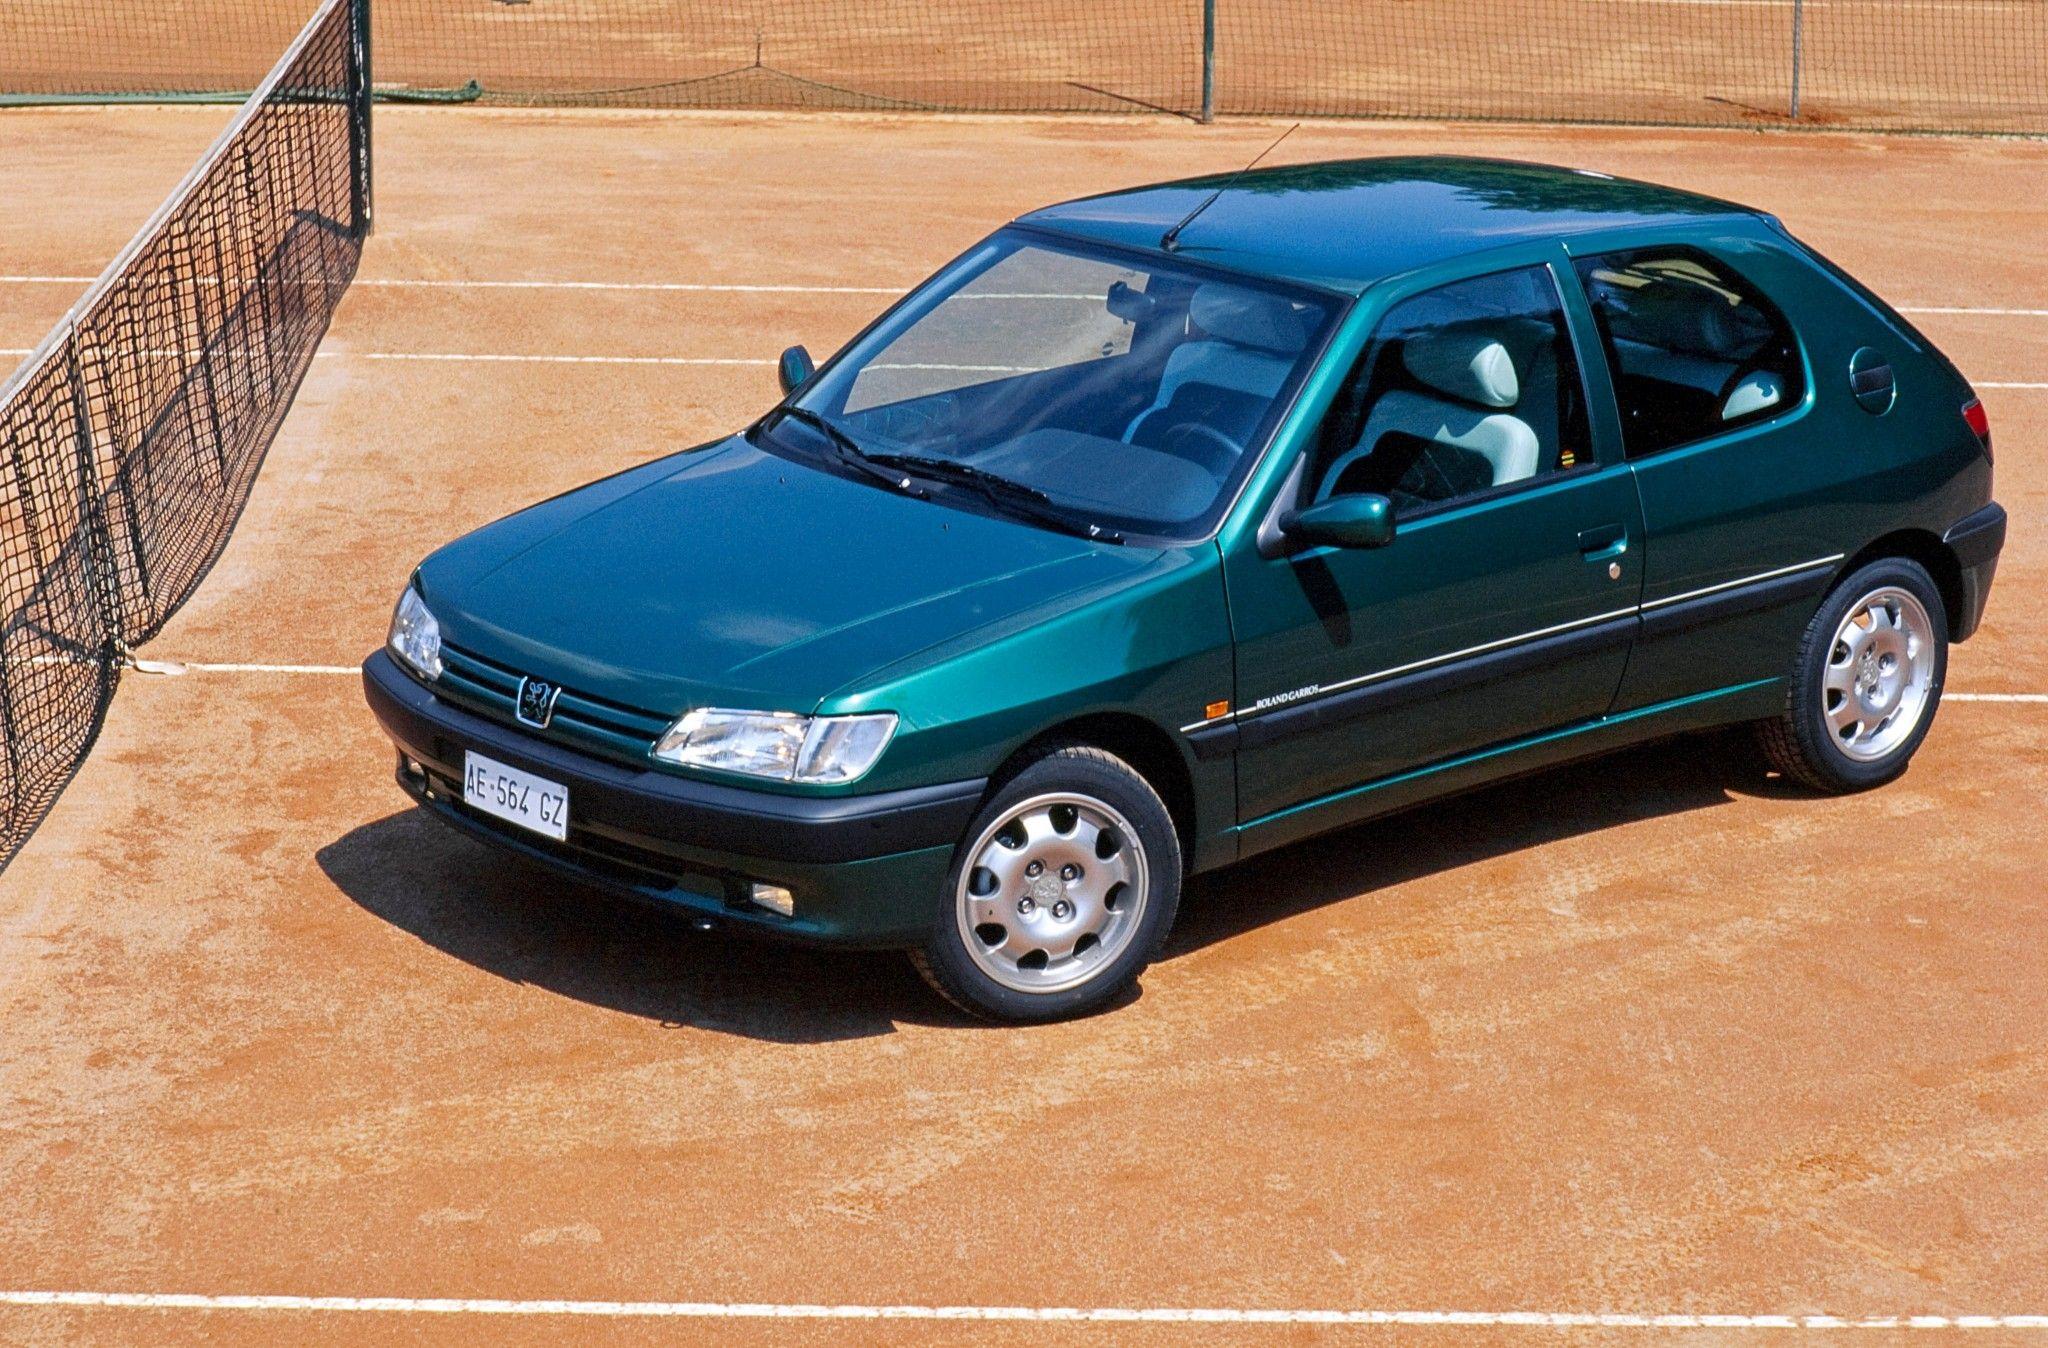 Peugeot 306 3 Door Roland Garros Worldwide 04 1994 96 Peugeot Car Vehicles